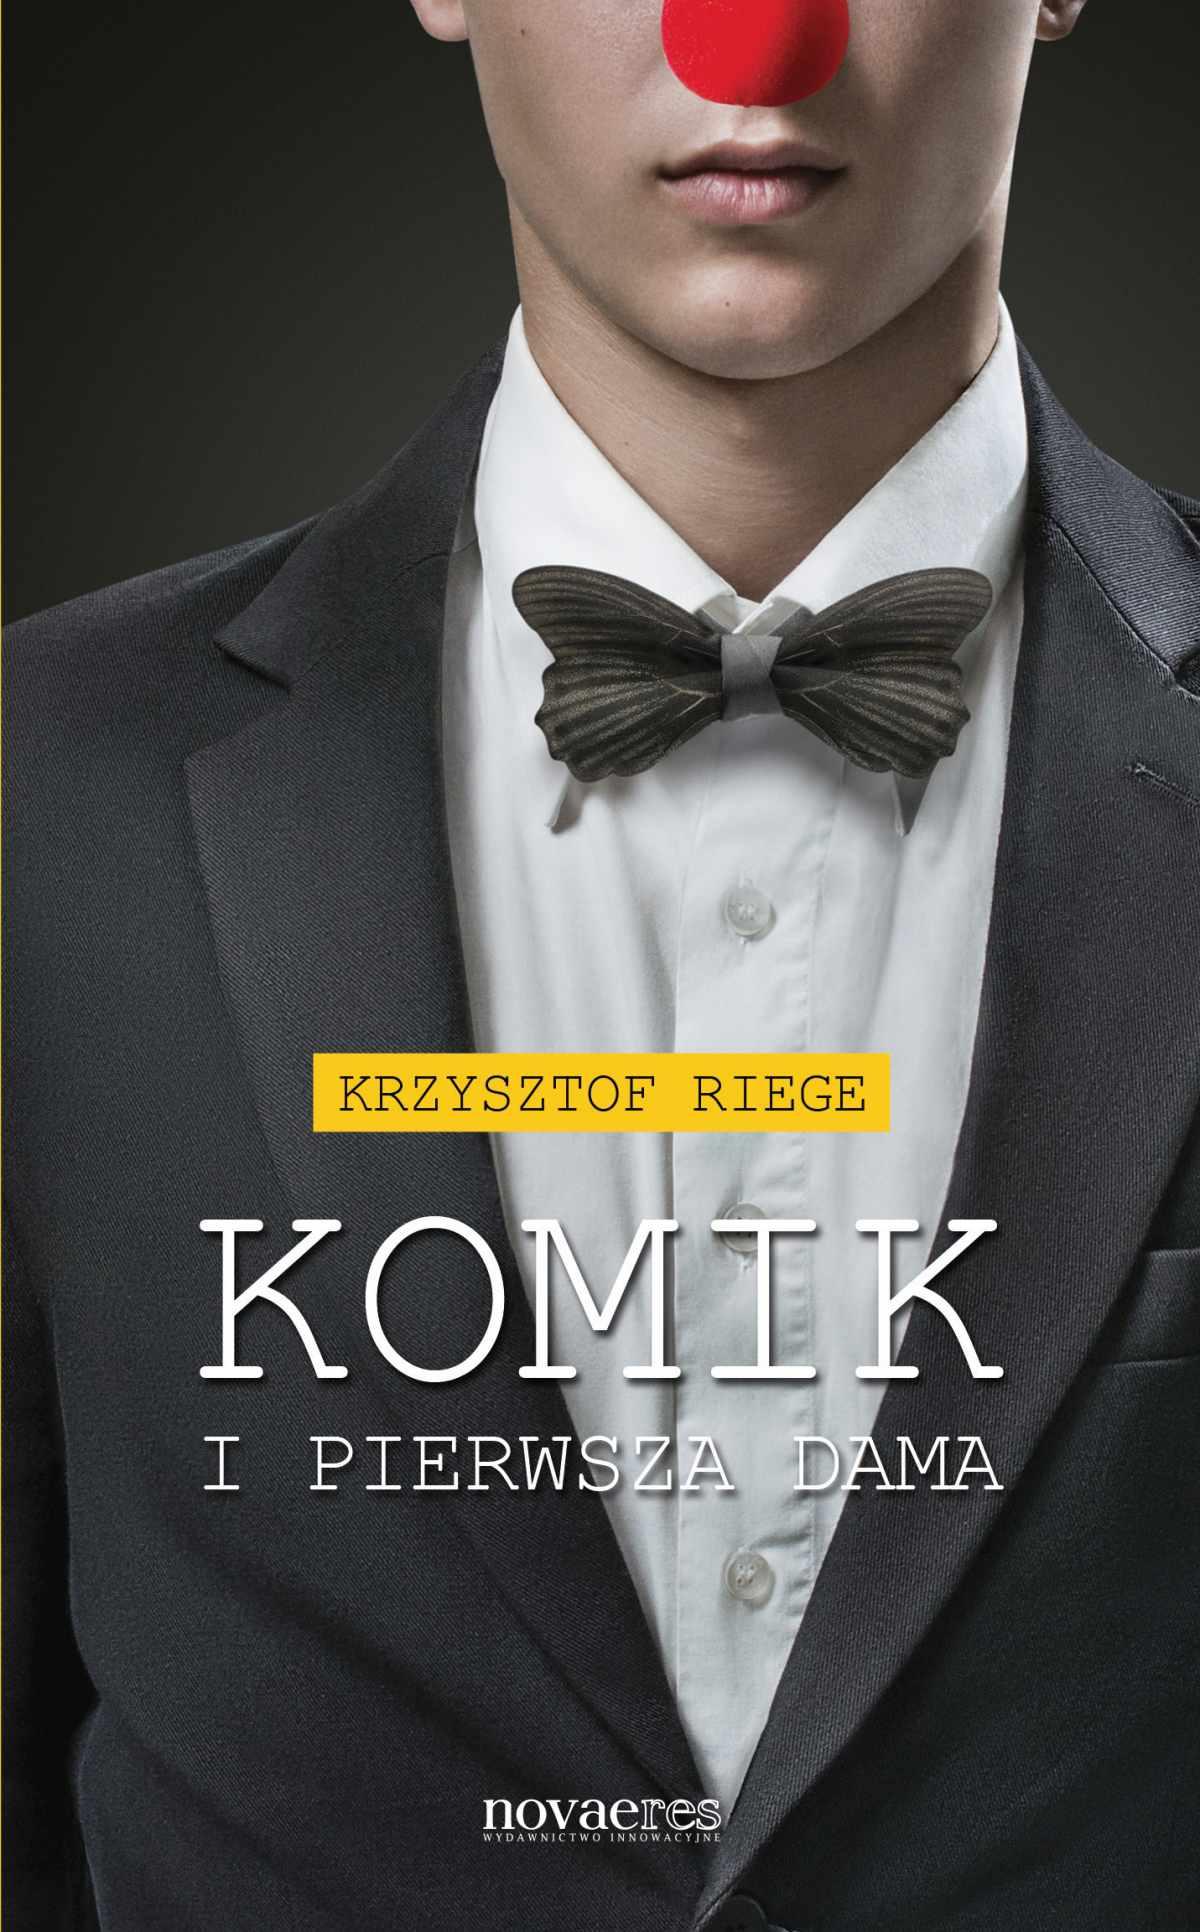 Komik i pierwsza dama - Ebook (Książka EPUB) do pobrania w formacie EPUB